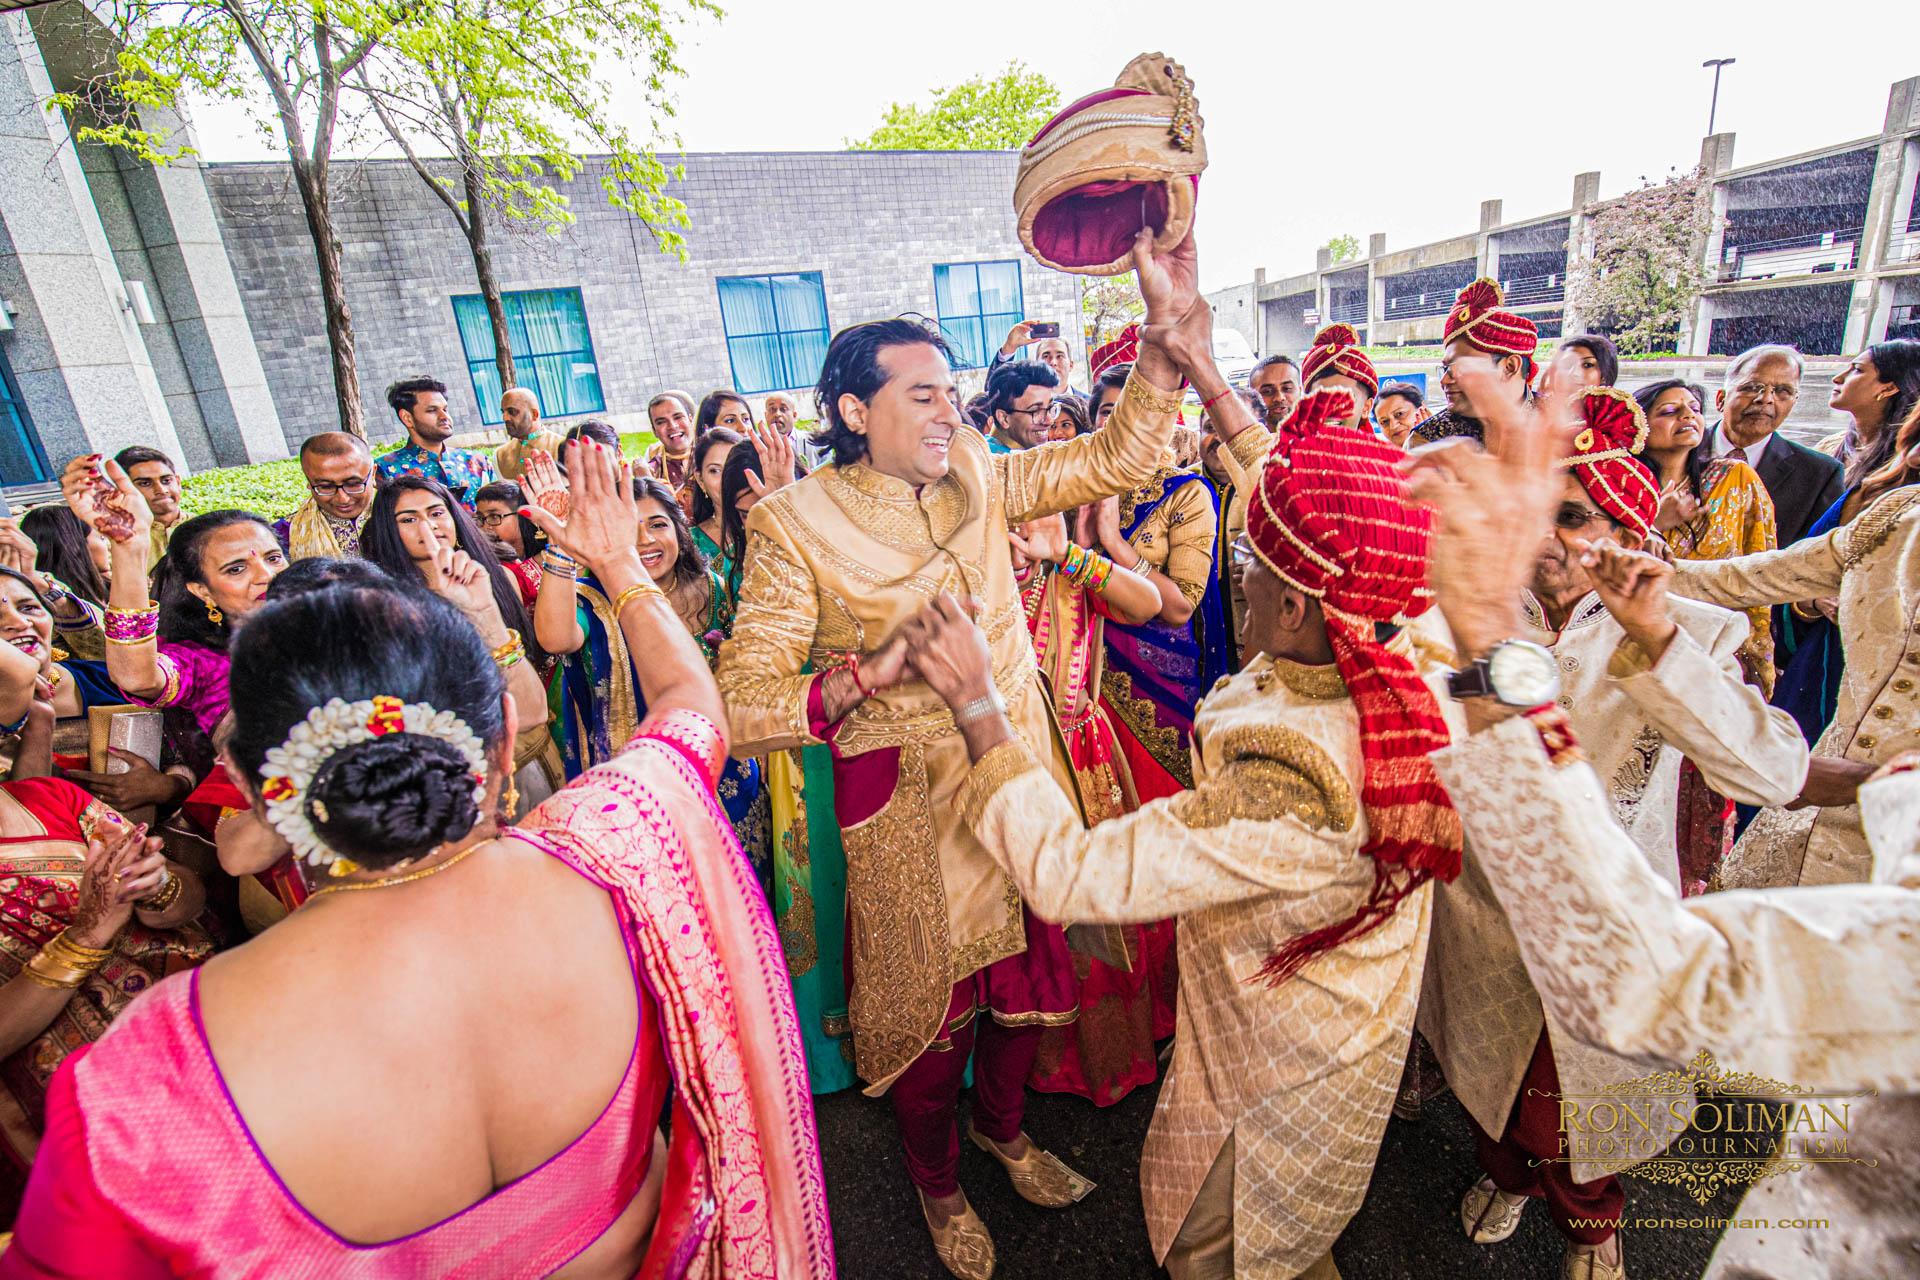 SHERATON MAHWAH INDIAN WEDDING 9